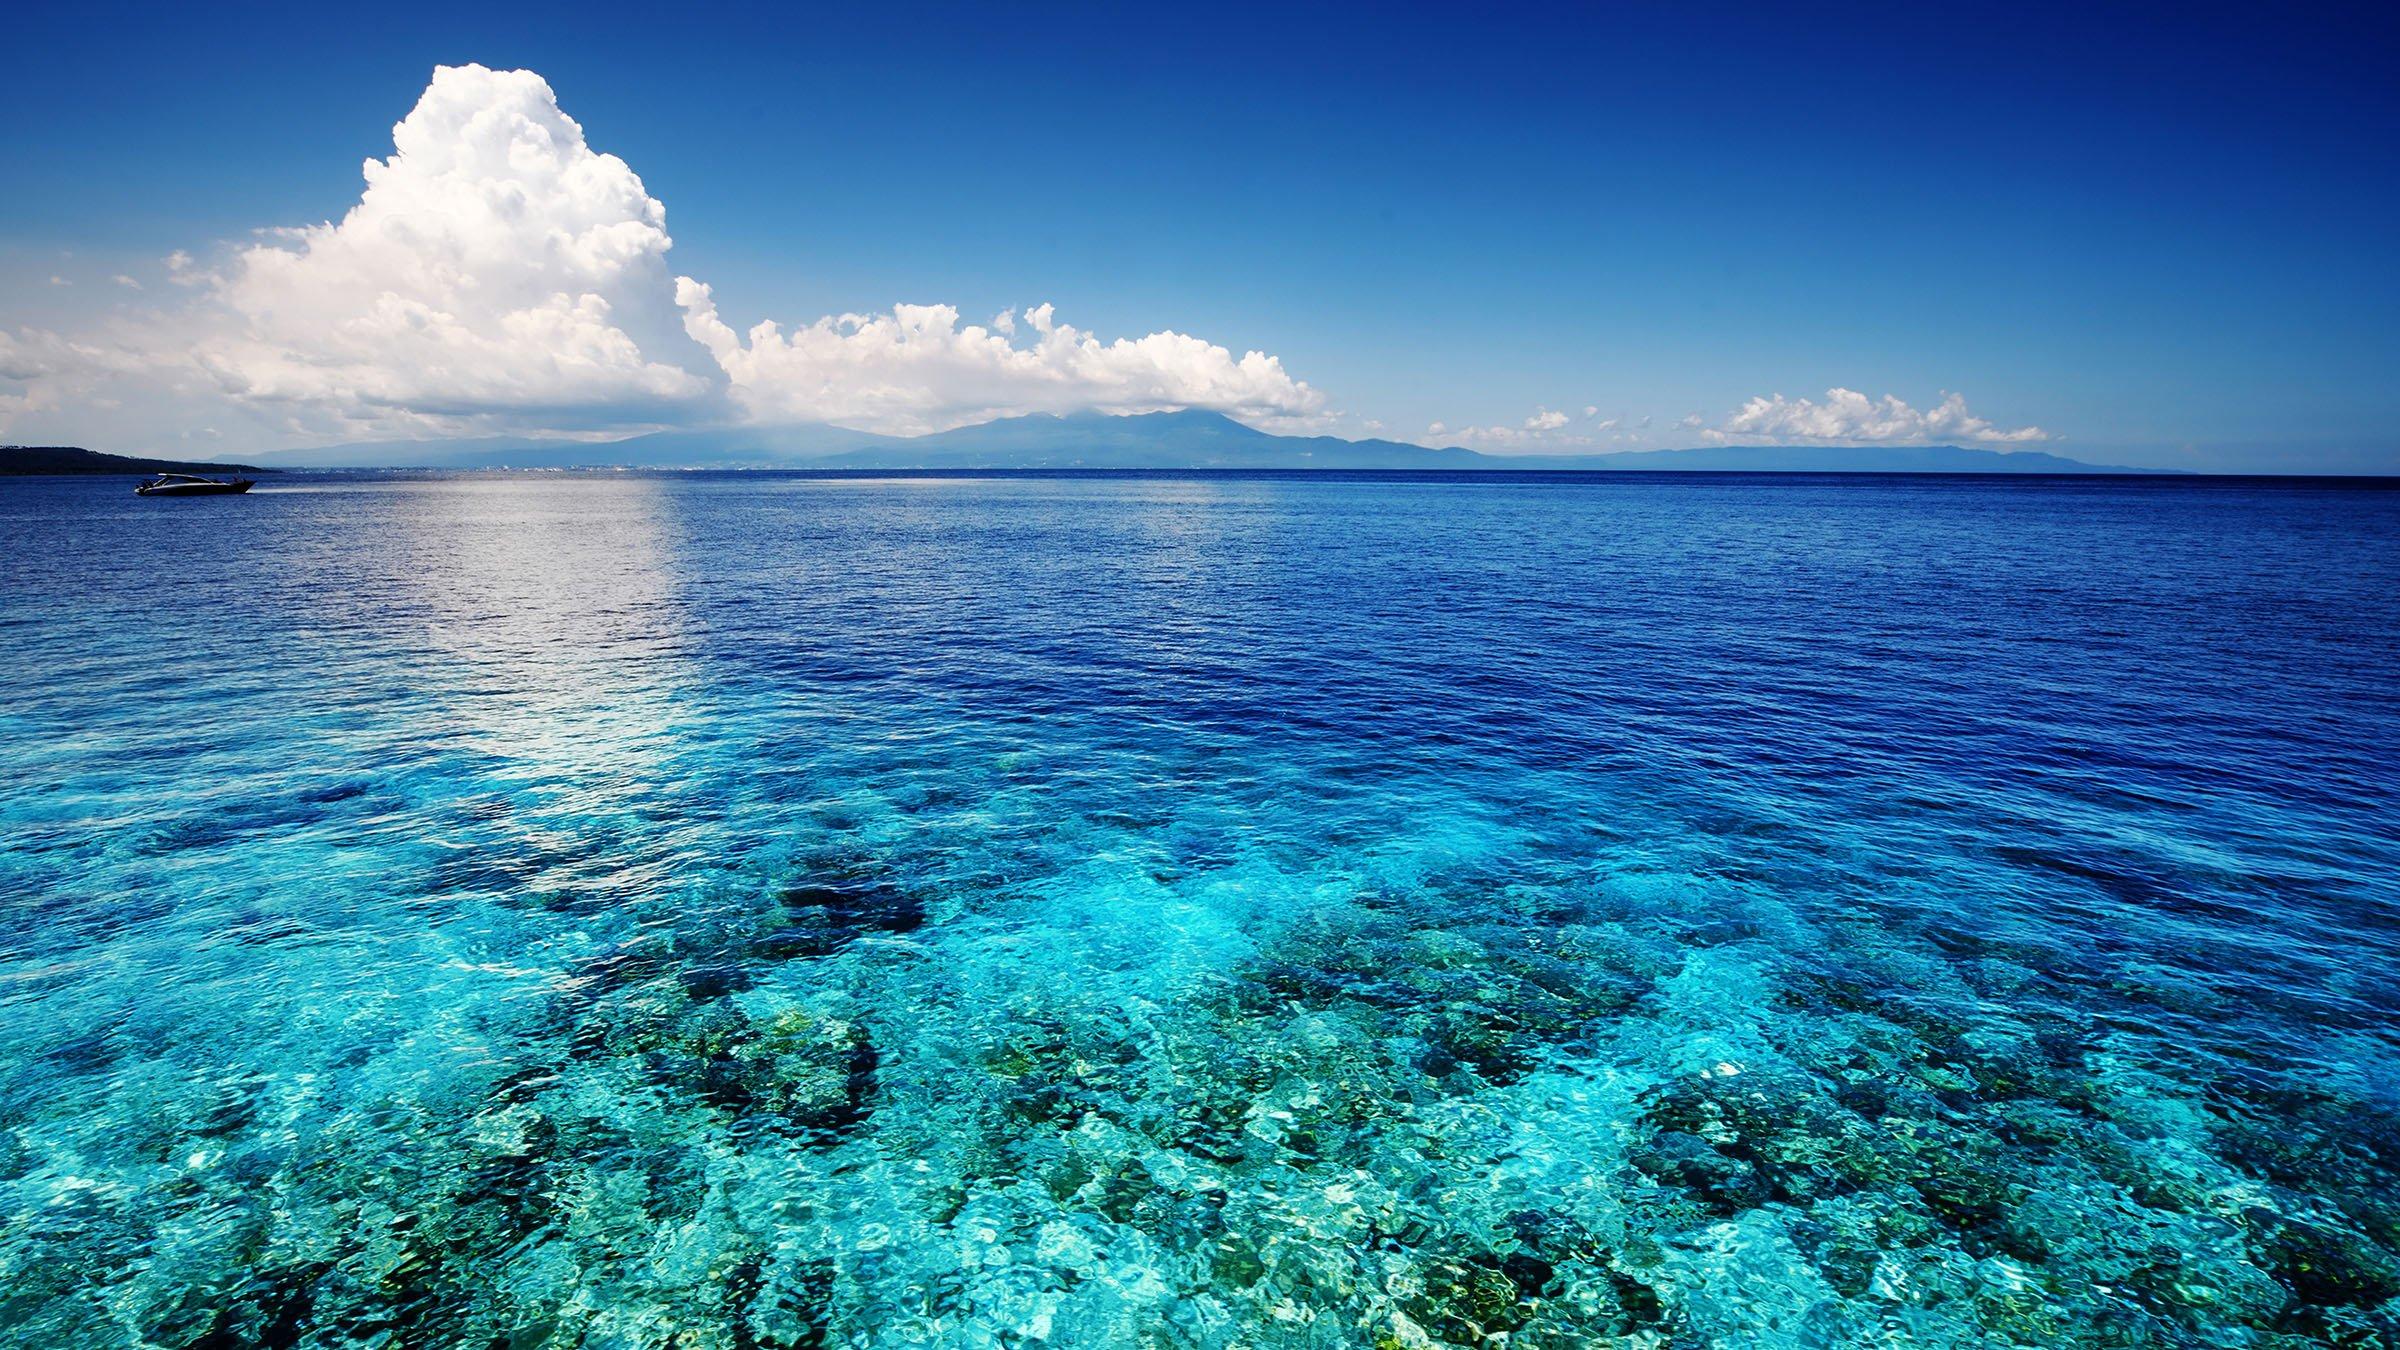 Bucear en los Arrecifes de Bunaken